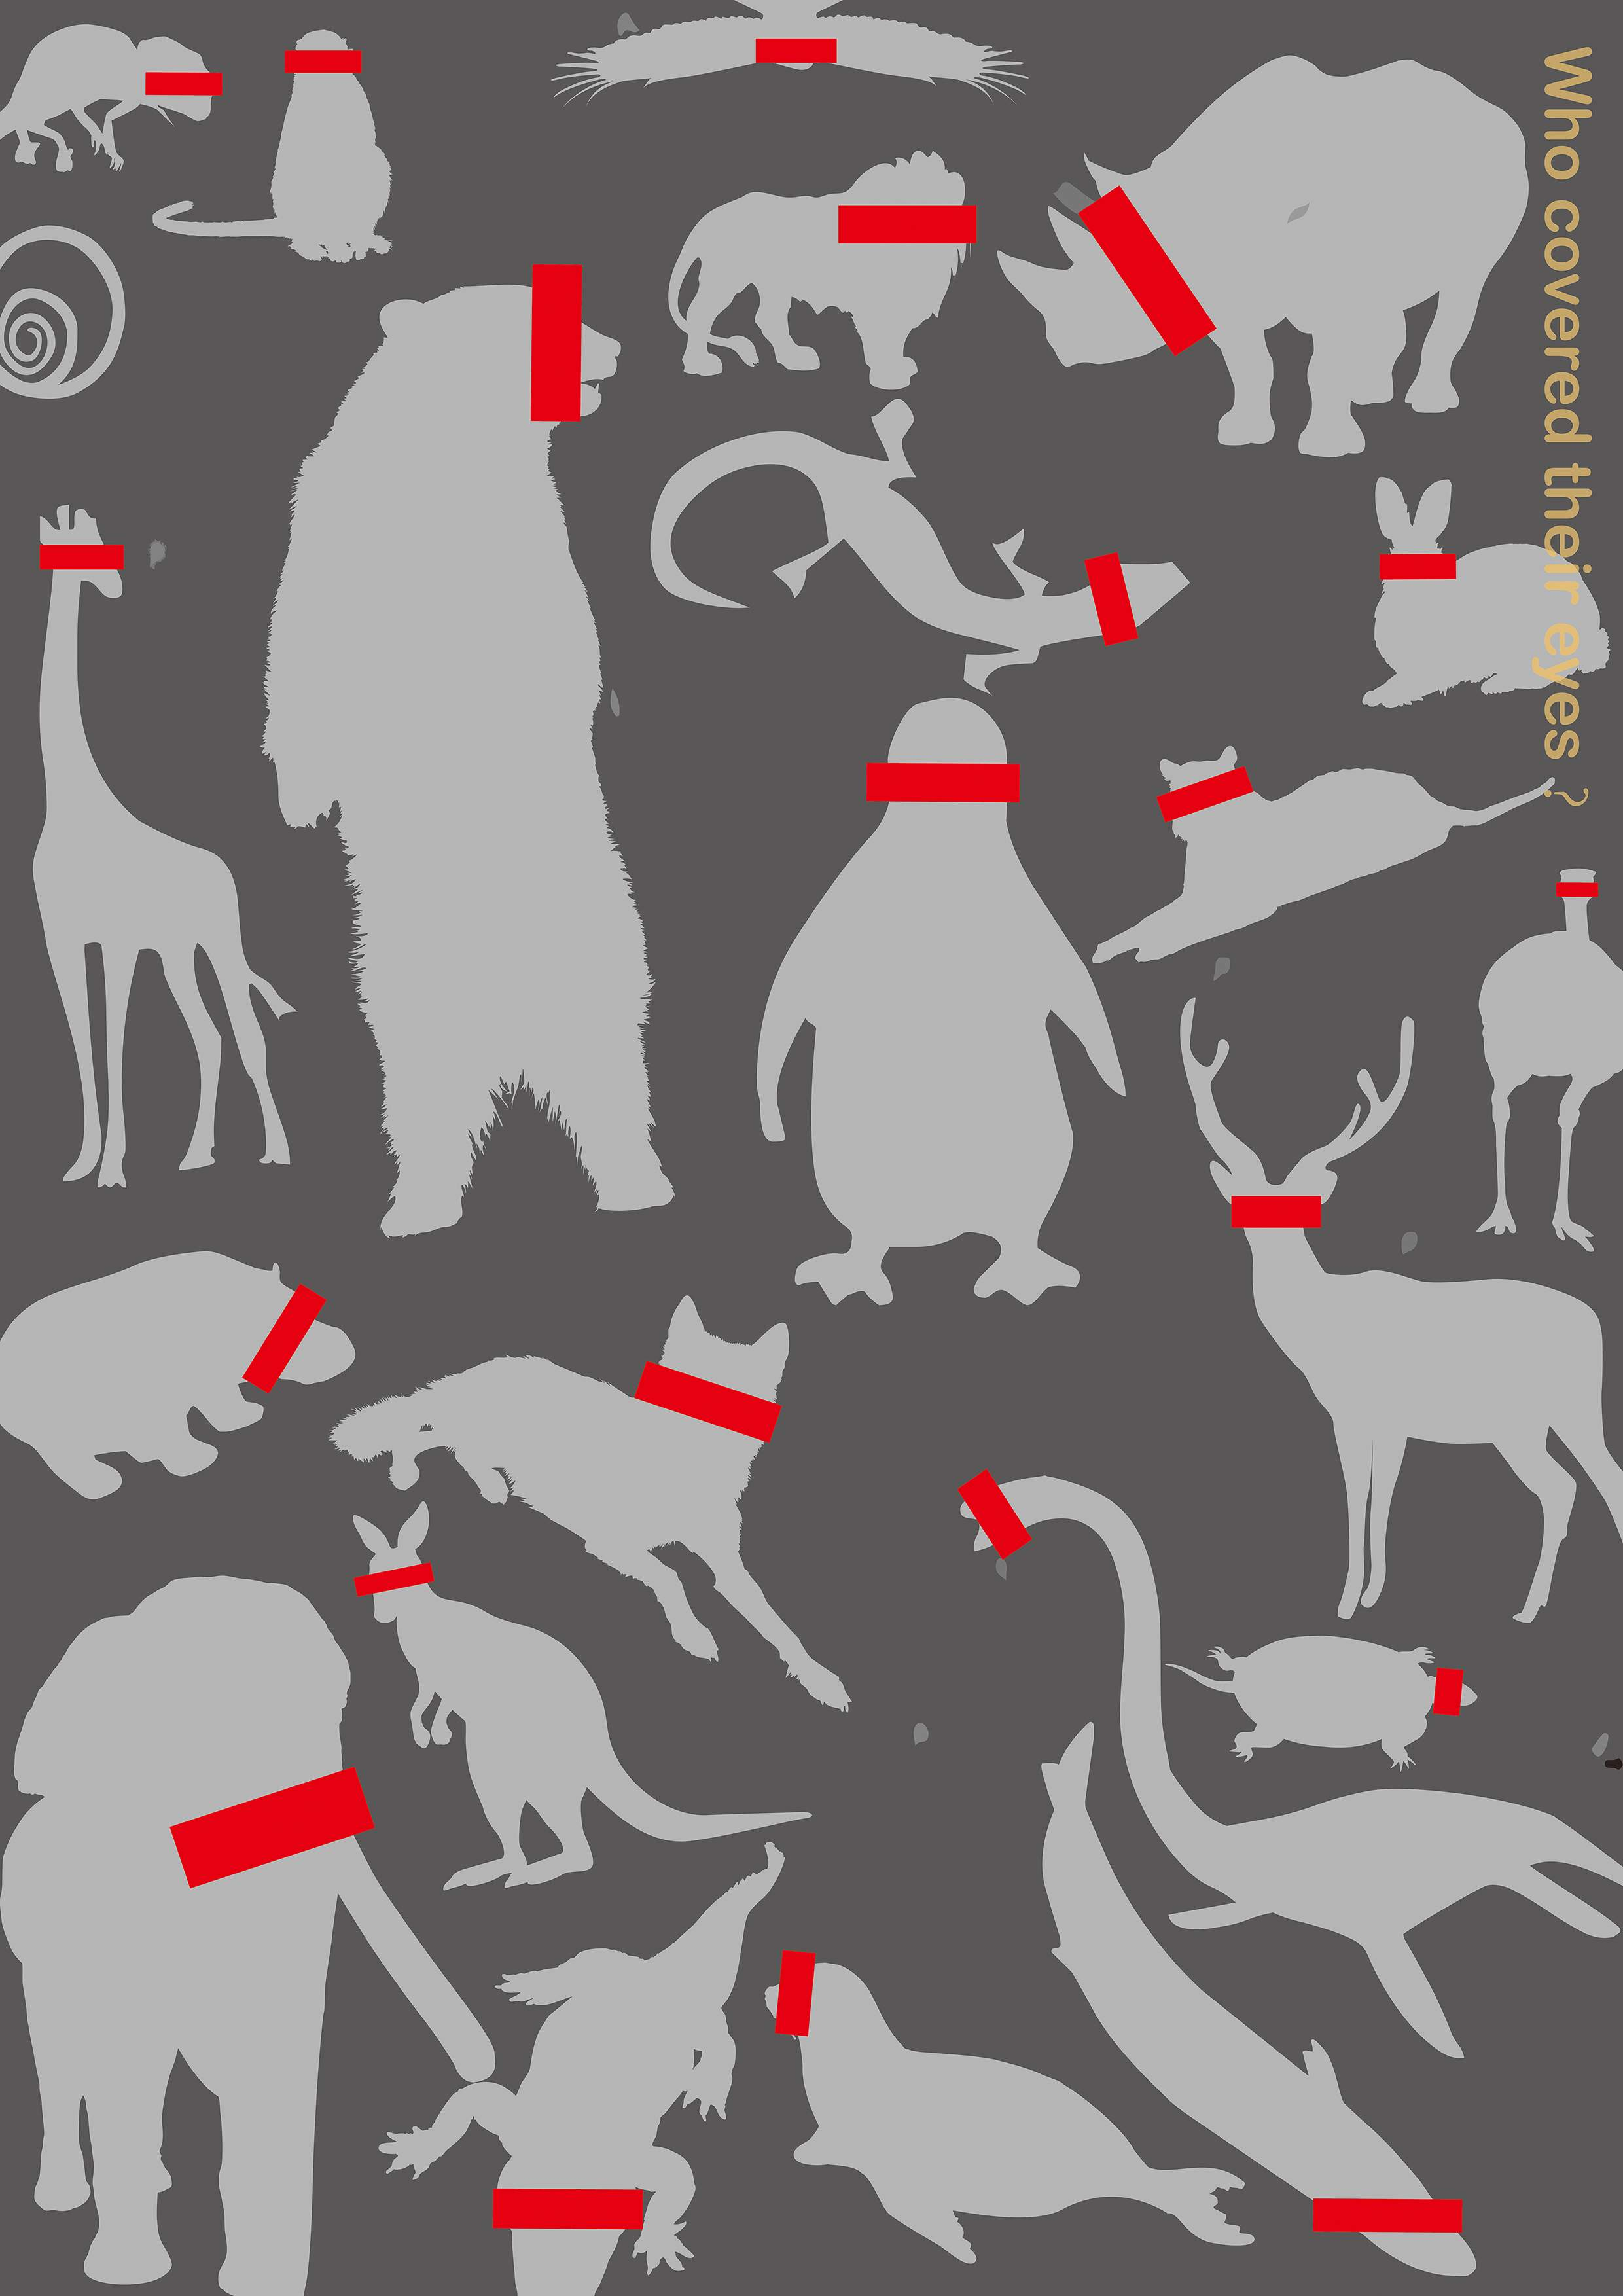 但人类作为站在食物链顶端的物种,一直以来不断地迫害,杀戮其它动物.